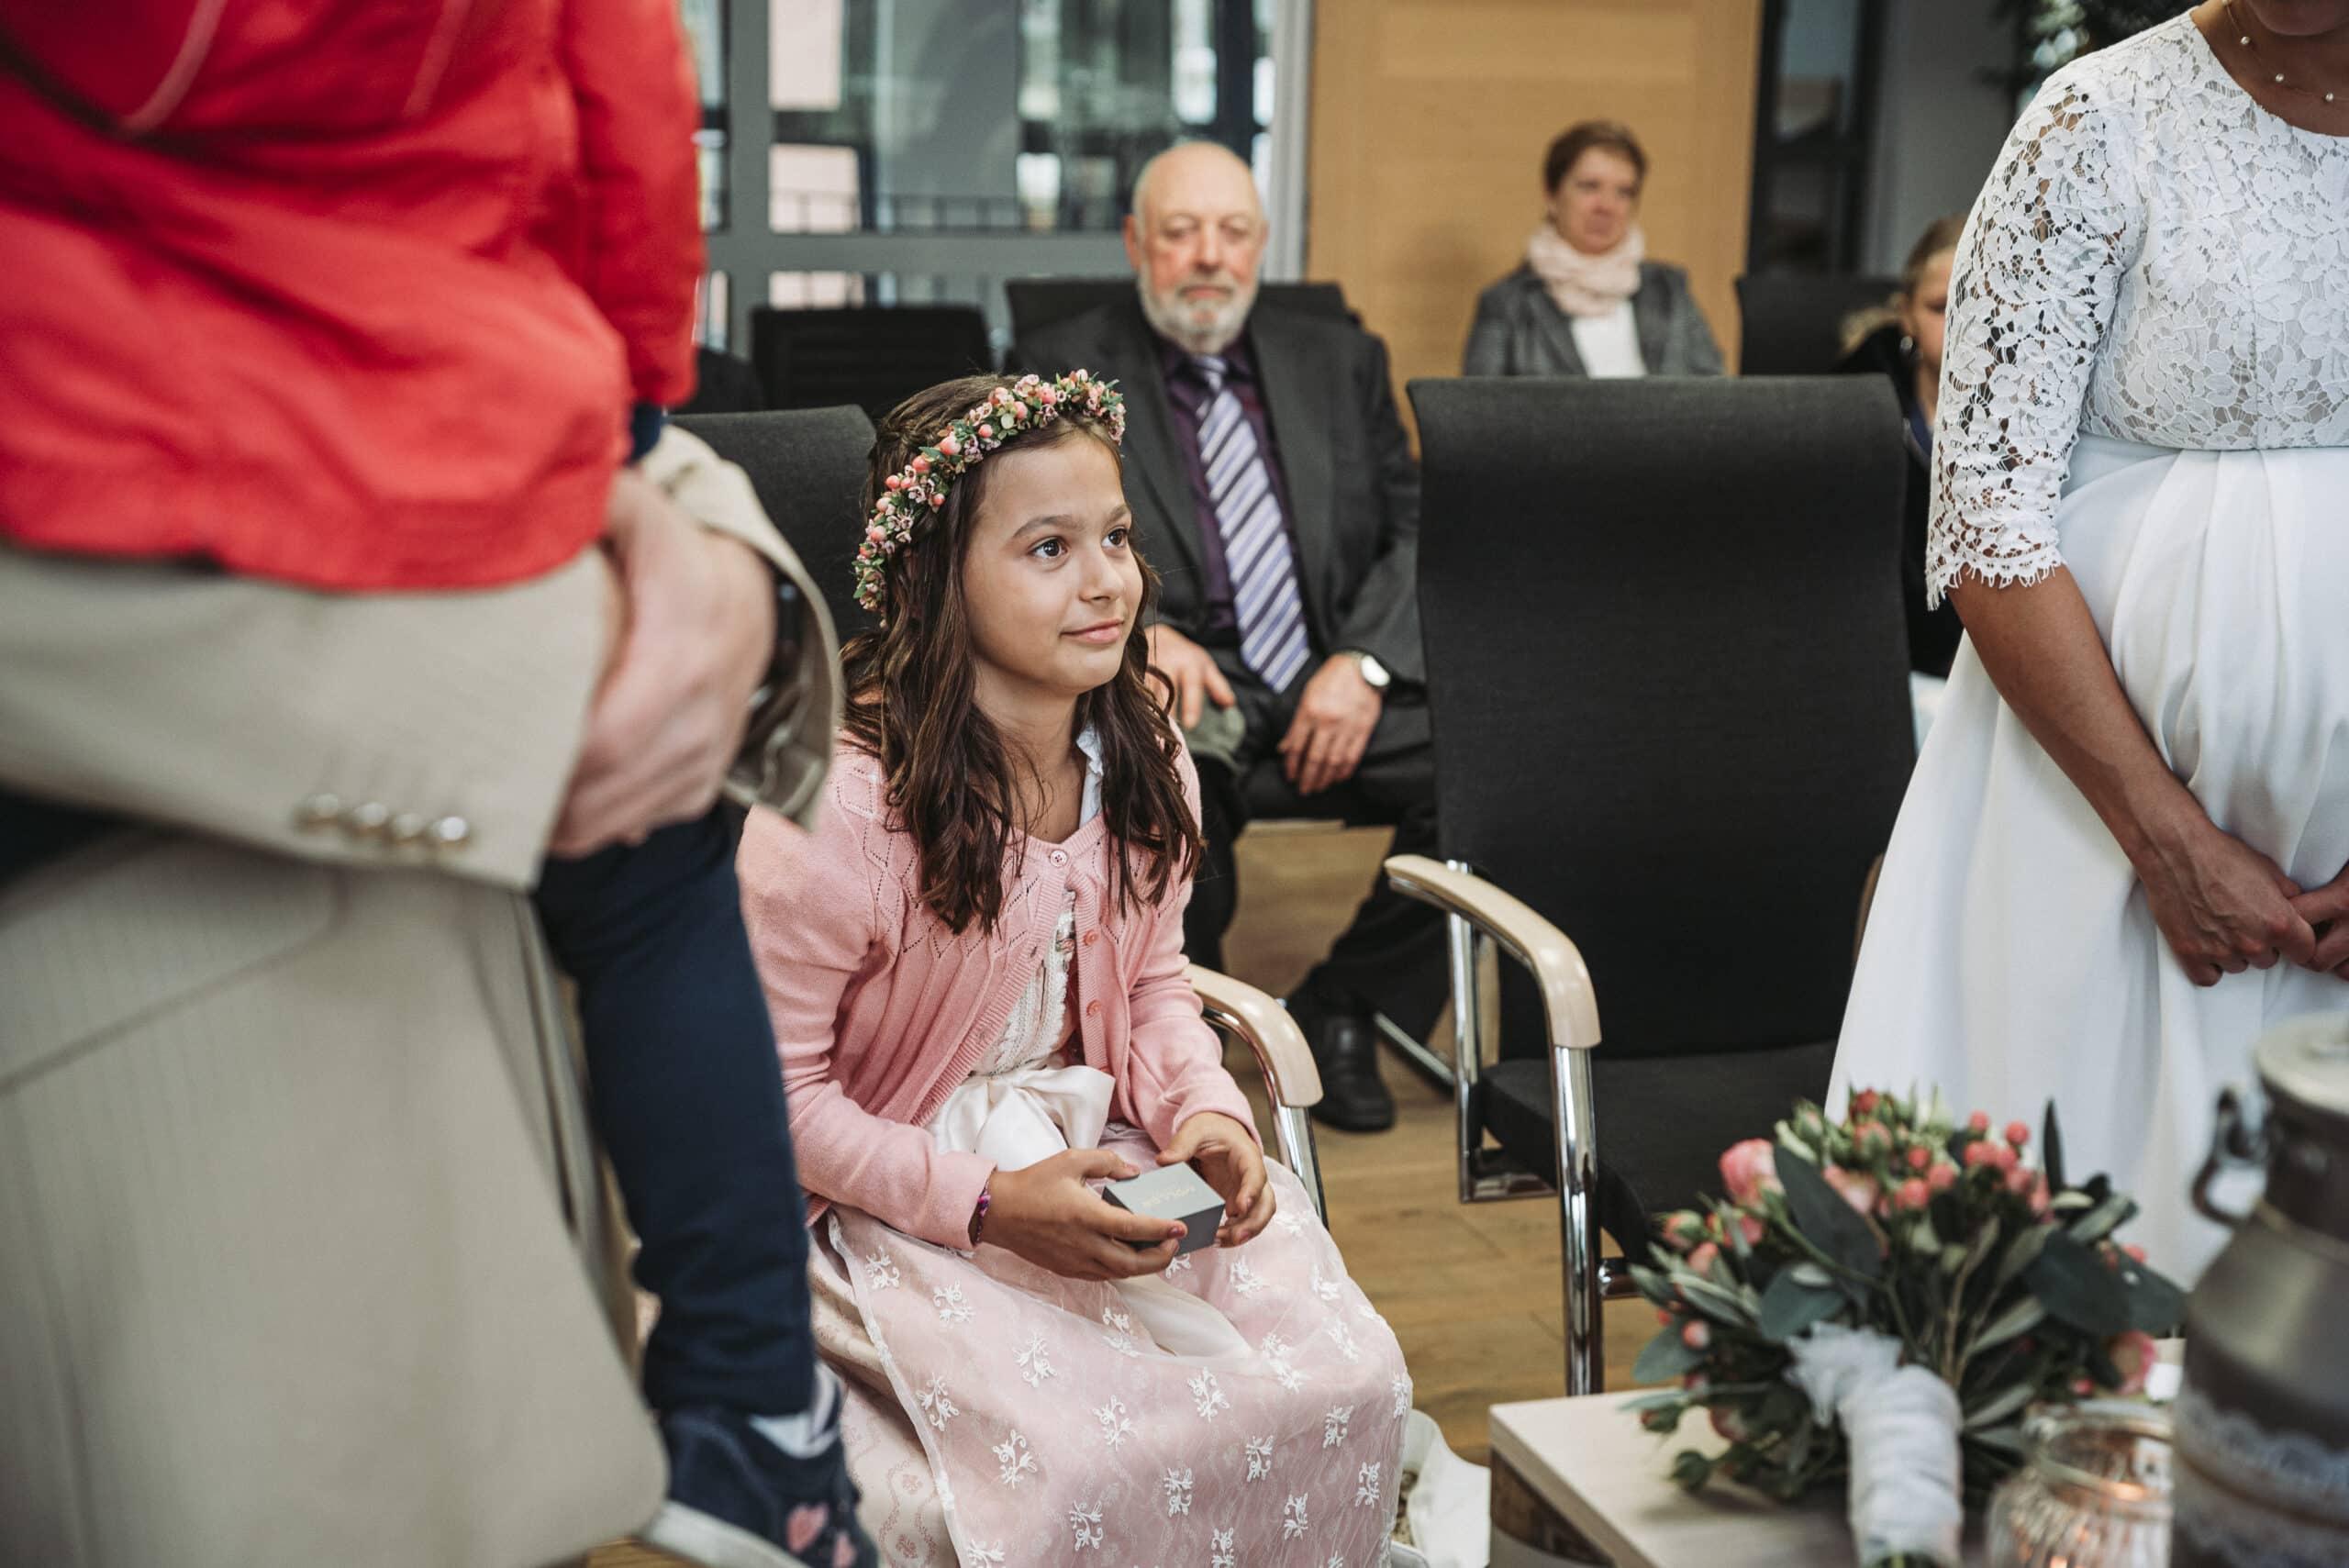 Tochter mit Ringen bei Hochzeit im Standesamt in Petersdorf bei Augsburg fotografiert von Hochzeitsfotografen aus Augsburg